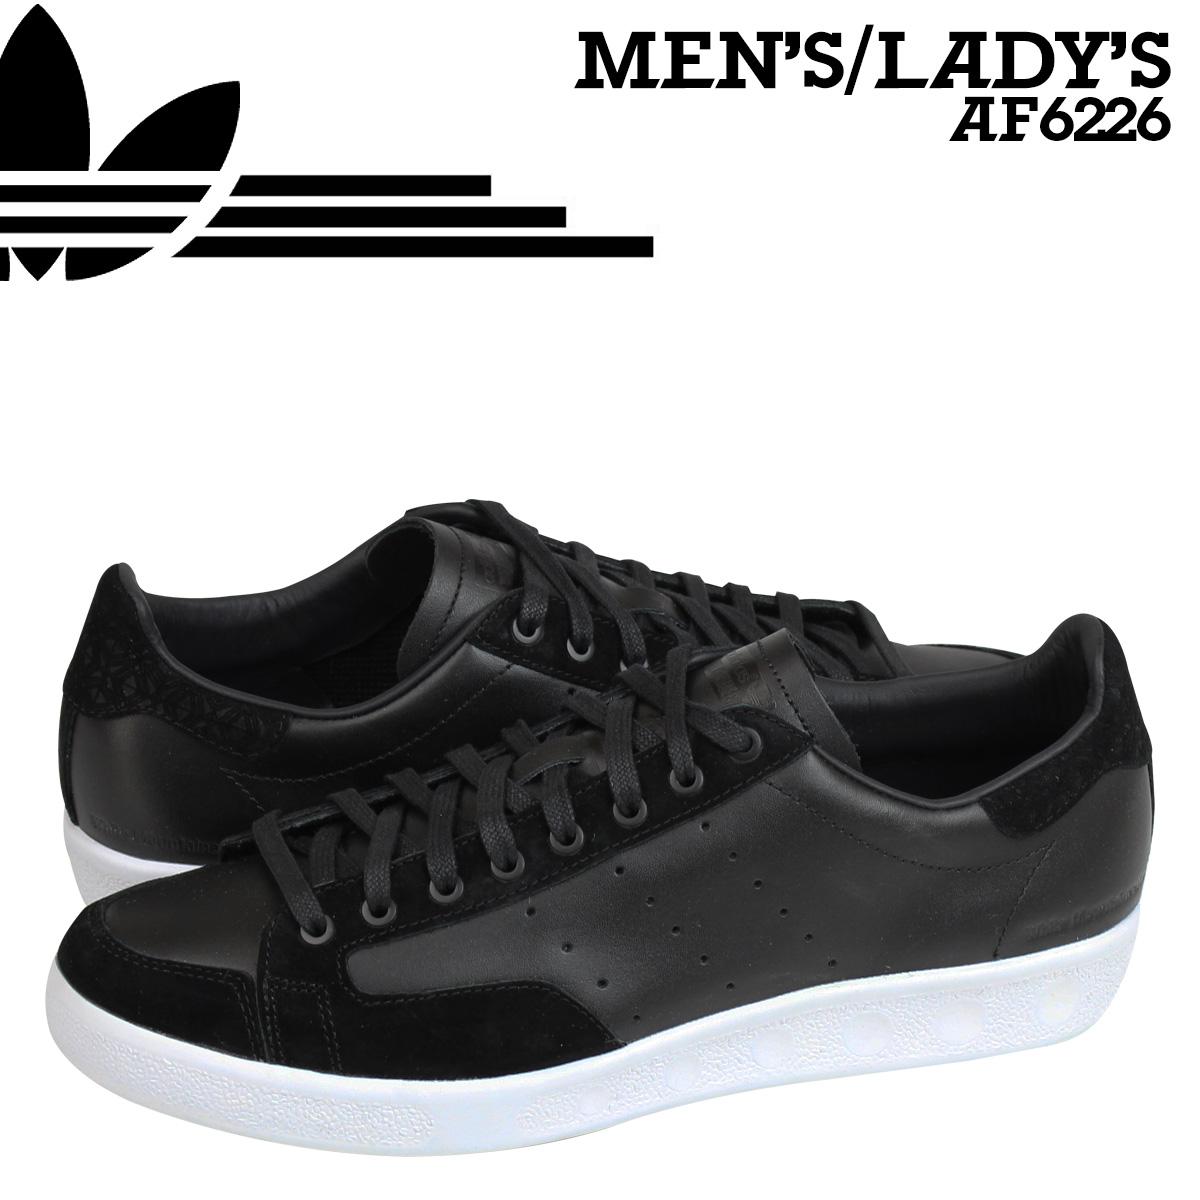 adidas コンソーシアム アディダス CONSORTIUM ナスターゼ マスター スニーカー NASTASE MASTER VINTAGE コラボ AF6226 メンズ レディース 靴 ブラック